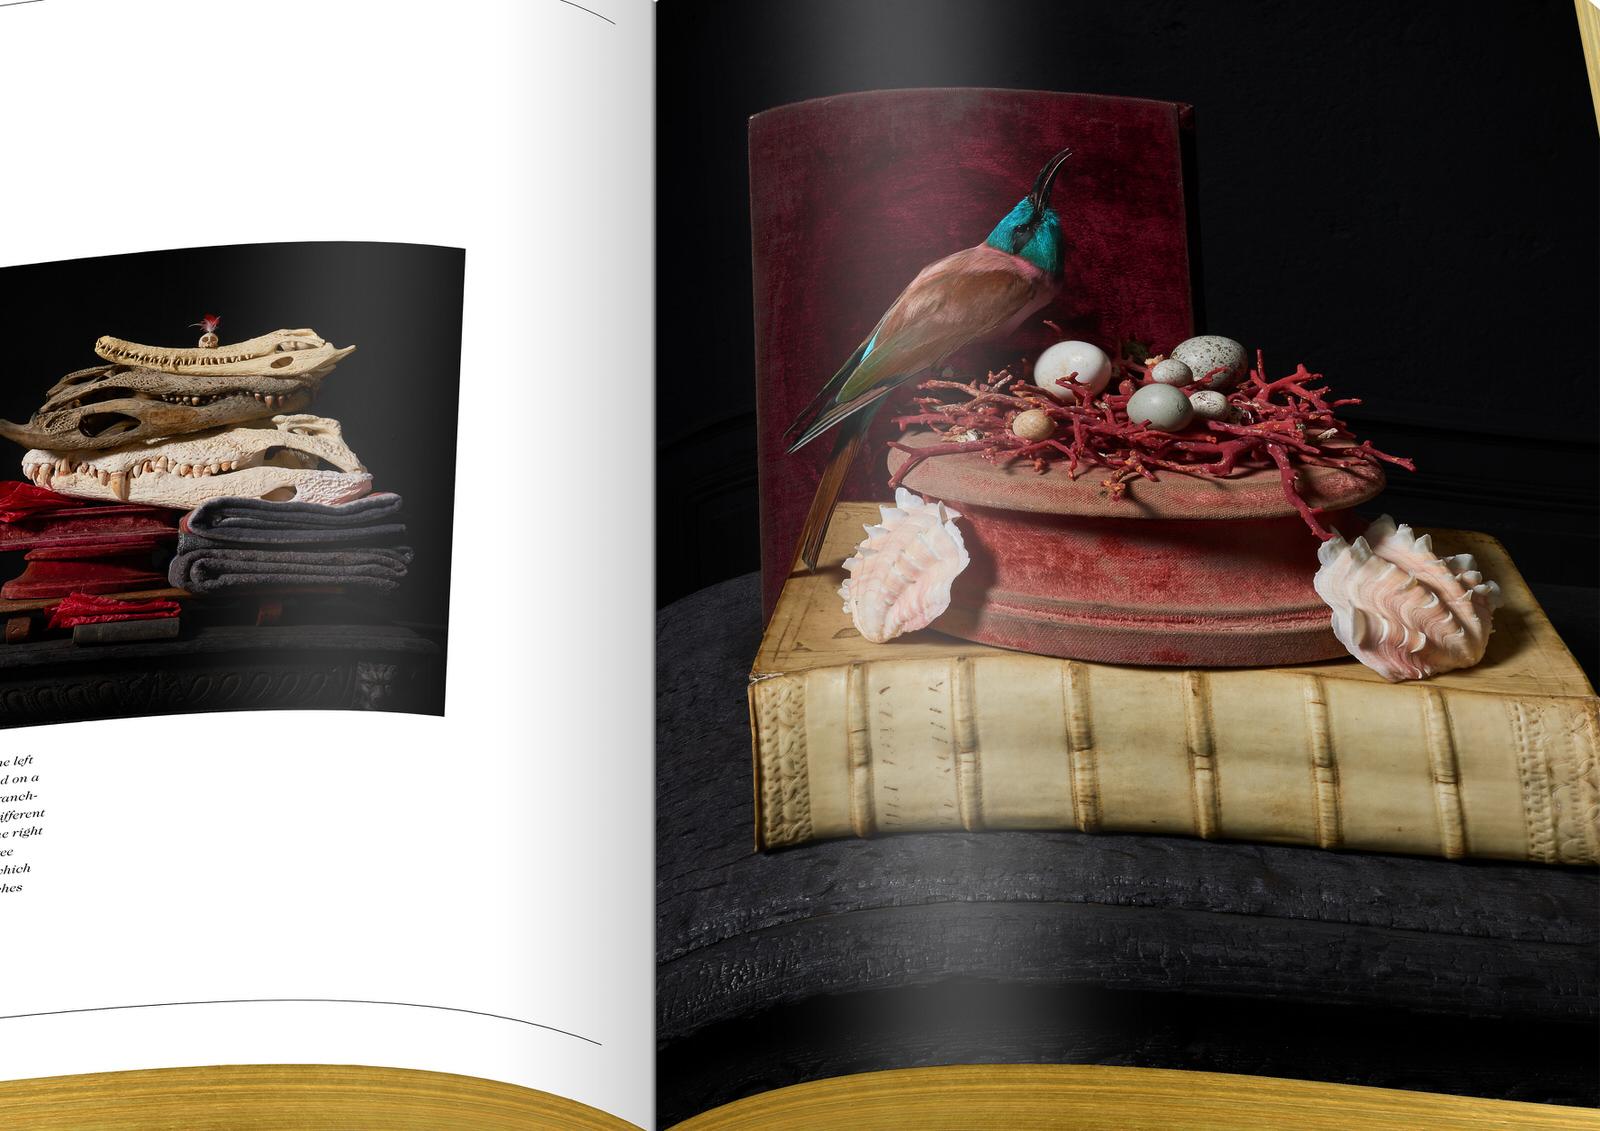 018-DSvT-Our-First-Book-Detail-Les-Peintures-Des-Taxidermistes.jpg